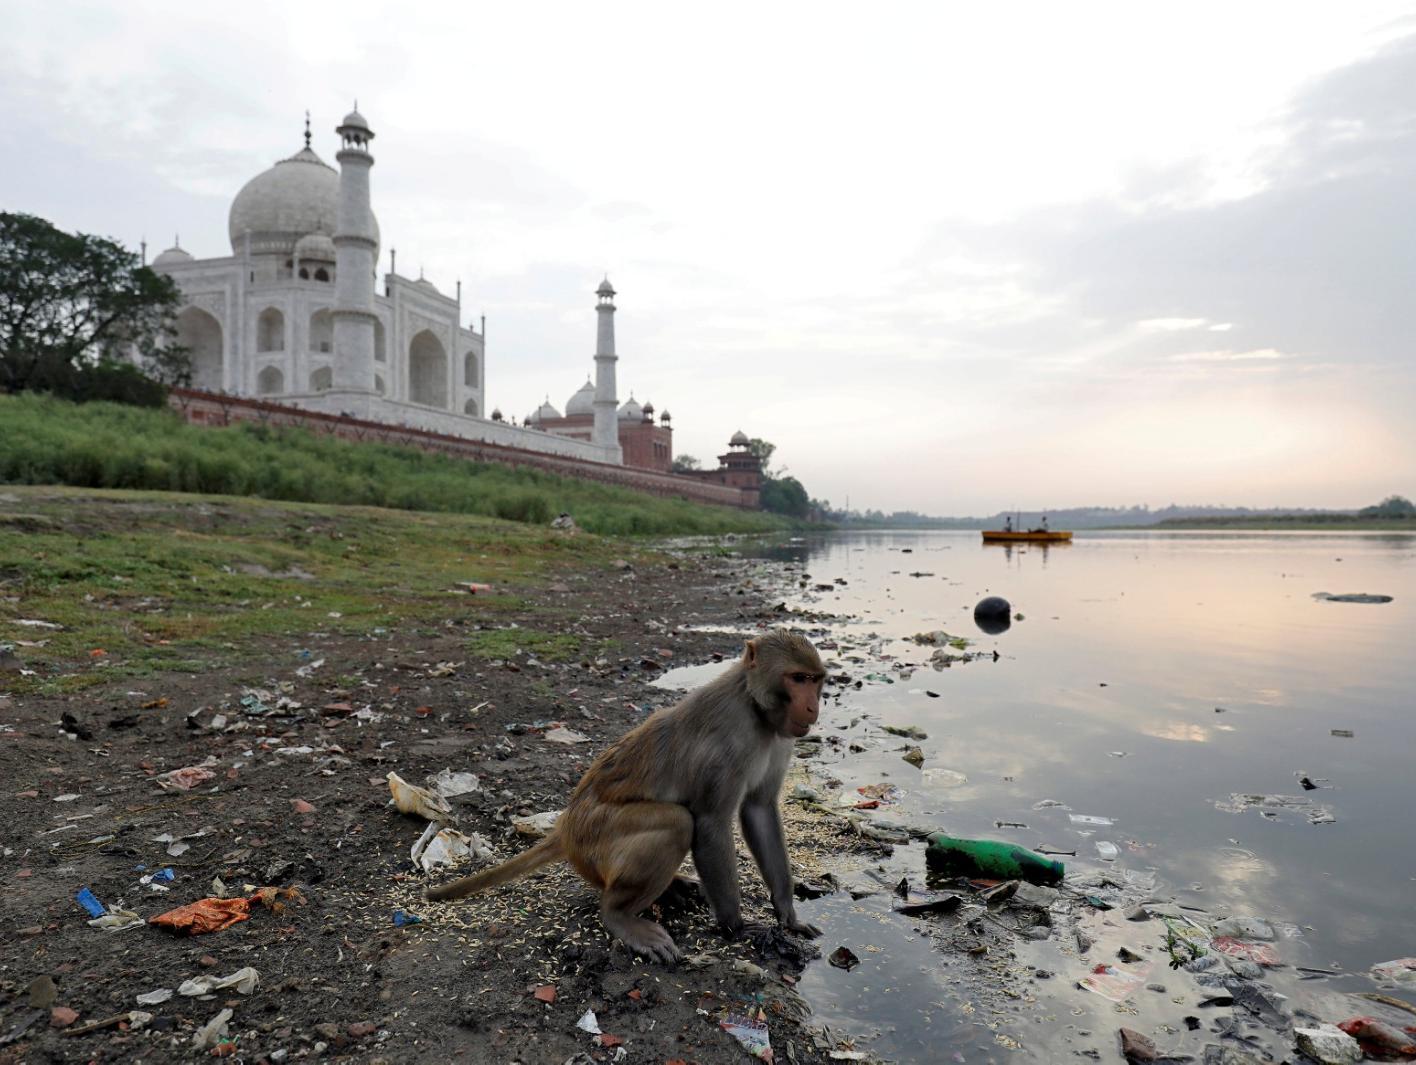 הודו: תינוק בן 12 יום נחטף על ידי קוף - ומת